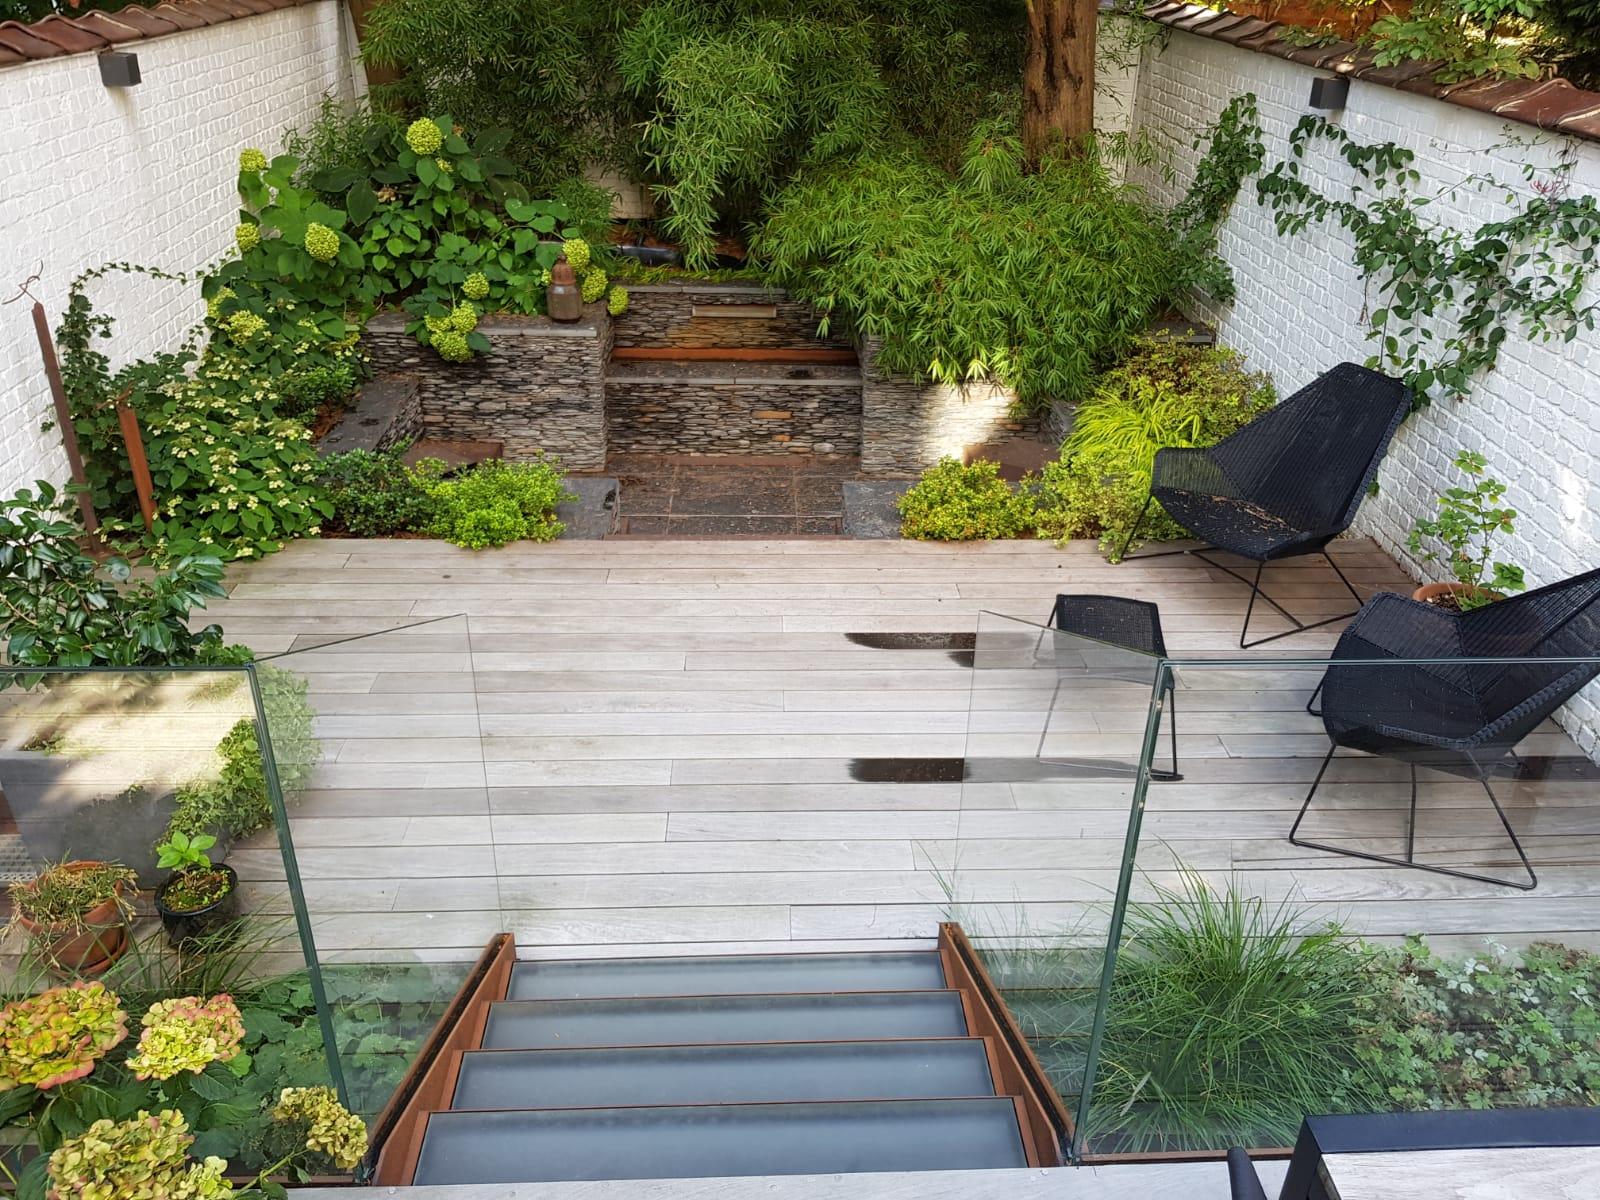 Comment faire un beau jardin paysagiste bruxelles - Comment faire un beau jardin potager ...